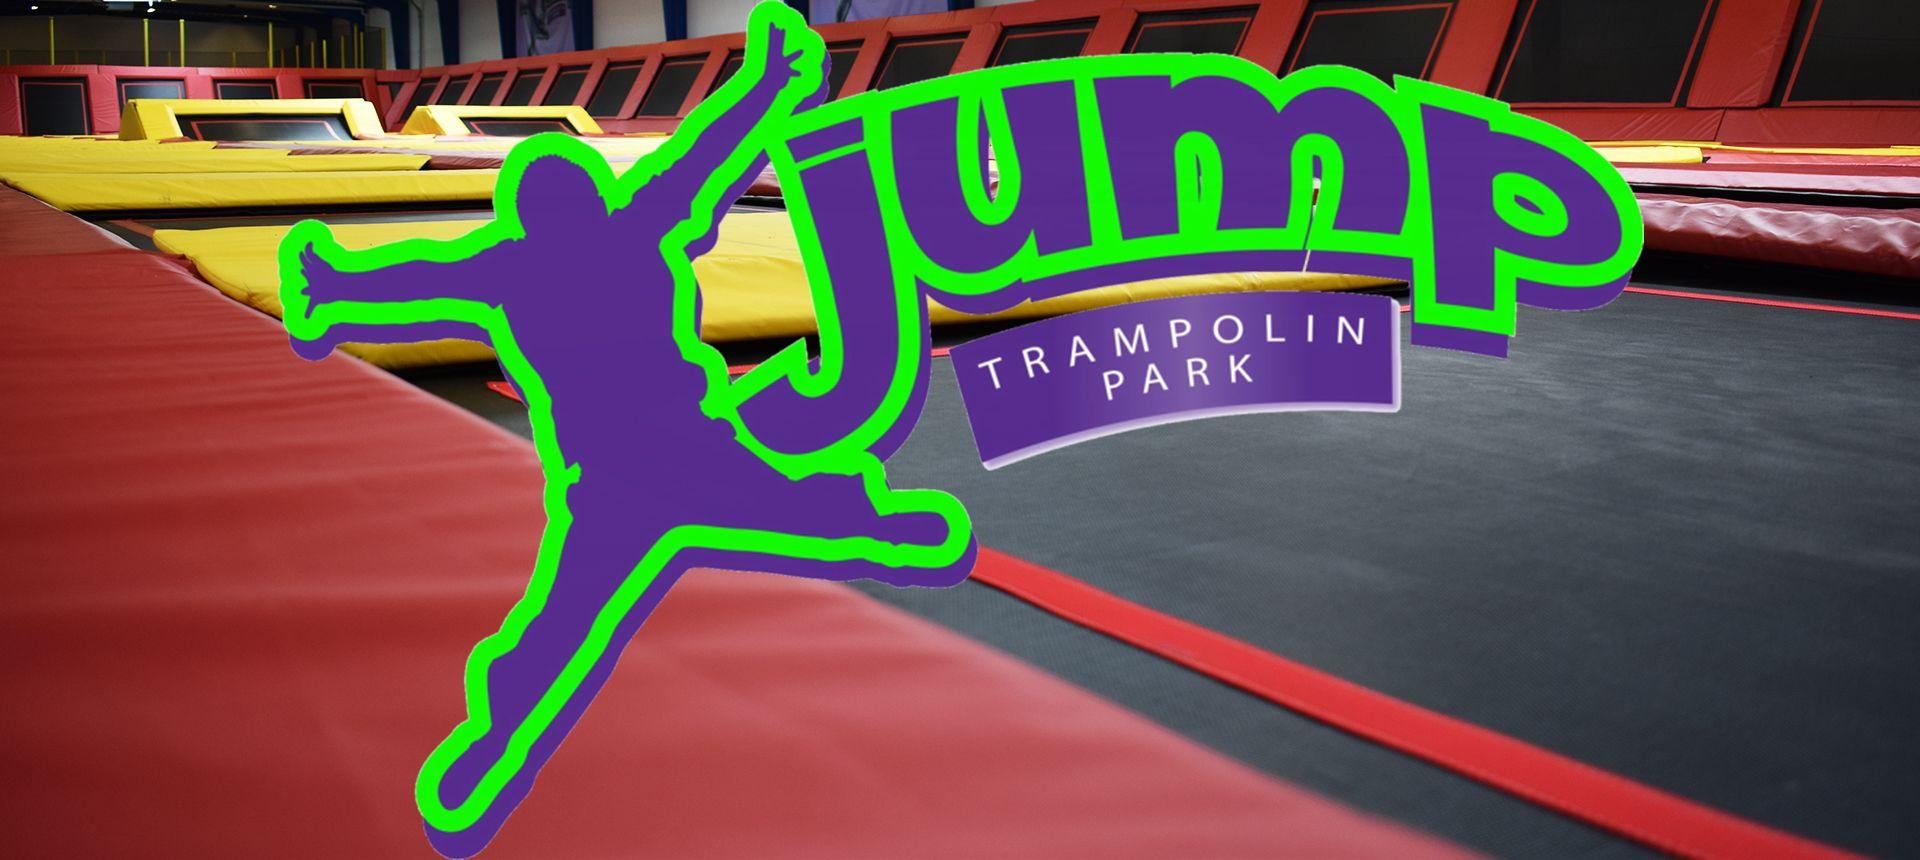 Xjump er en trampolinpark, hvor gulve og vægge er bygget op af forskellige  typer trampoliner. Garanteret sjov for hele familien. | Sjov, Vægge, Bane